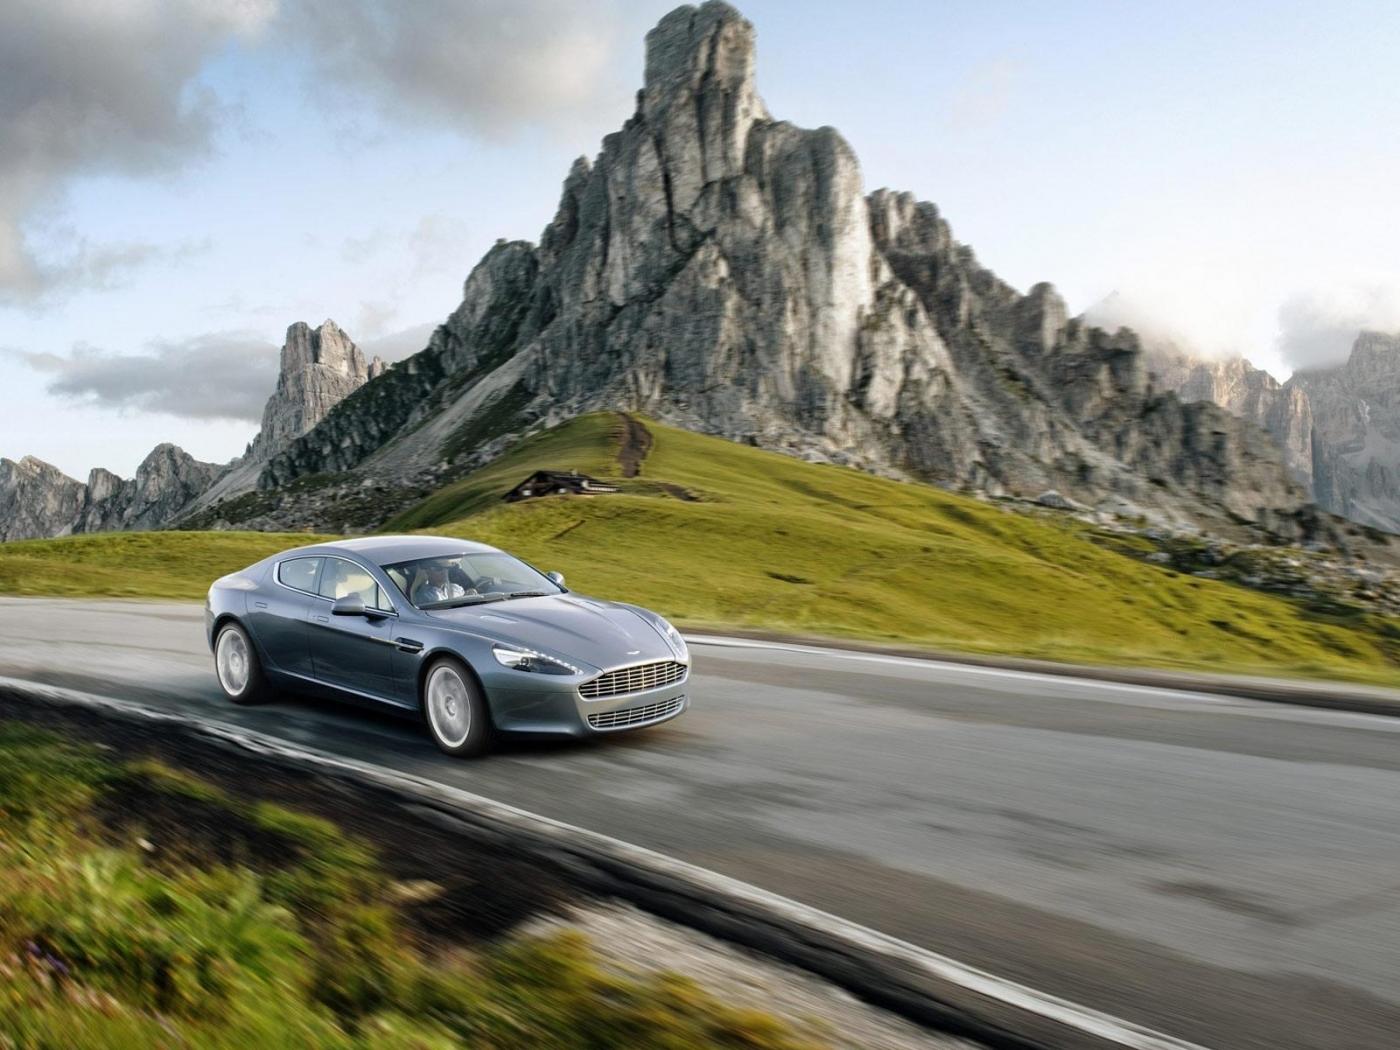 26949 скачать обои Транспорт, Машины, Астон Мартин (Aston Martin) - заставки и картинки бесплатно